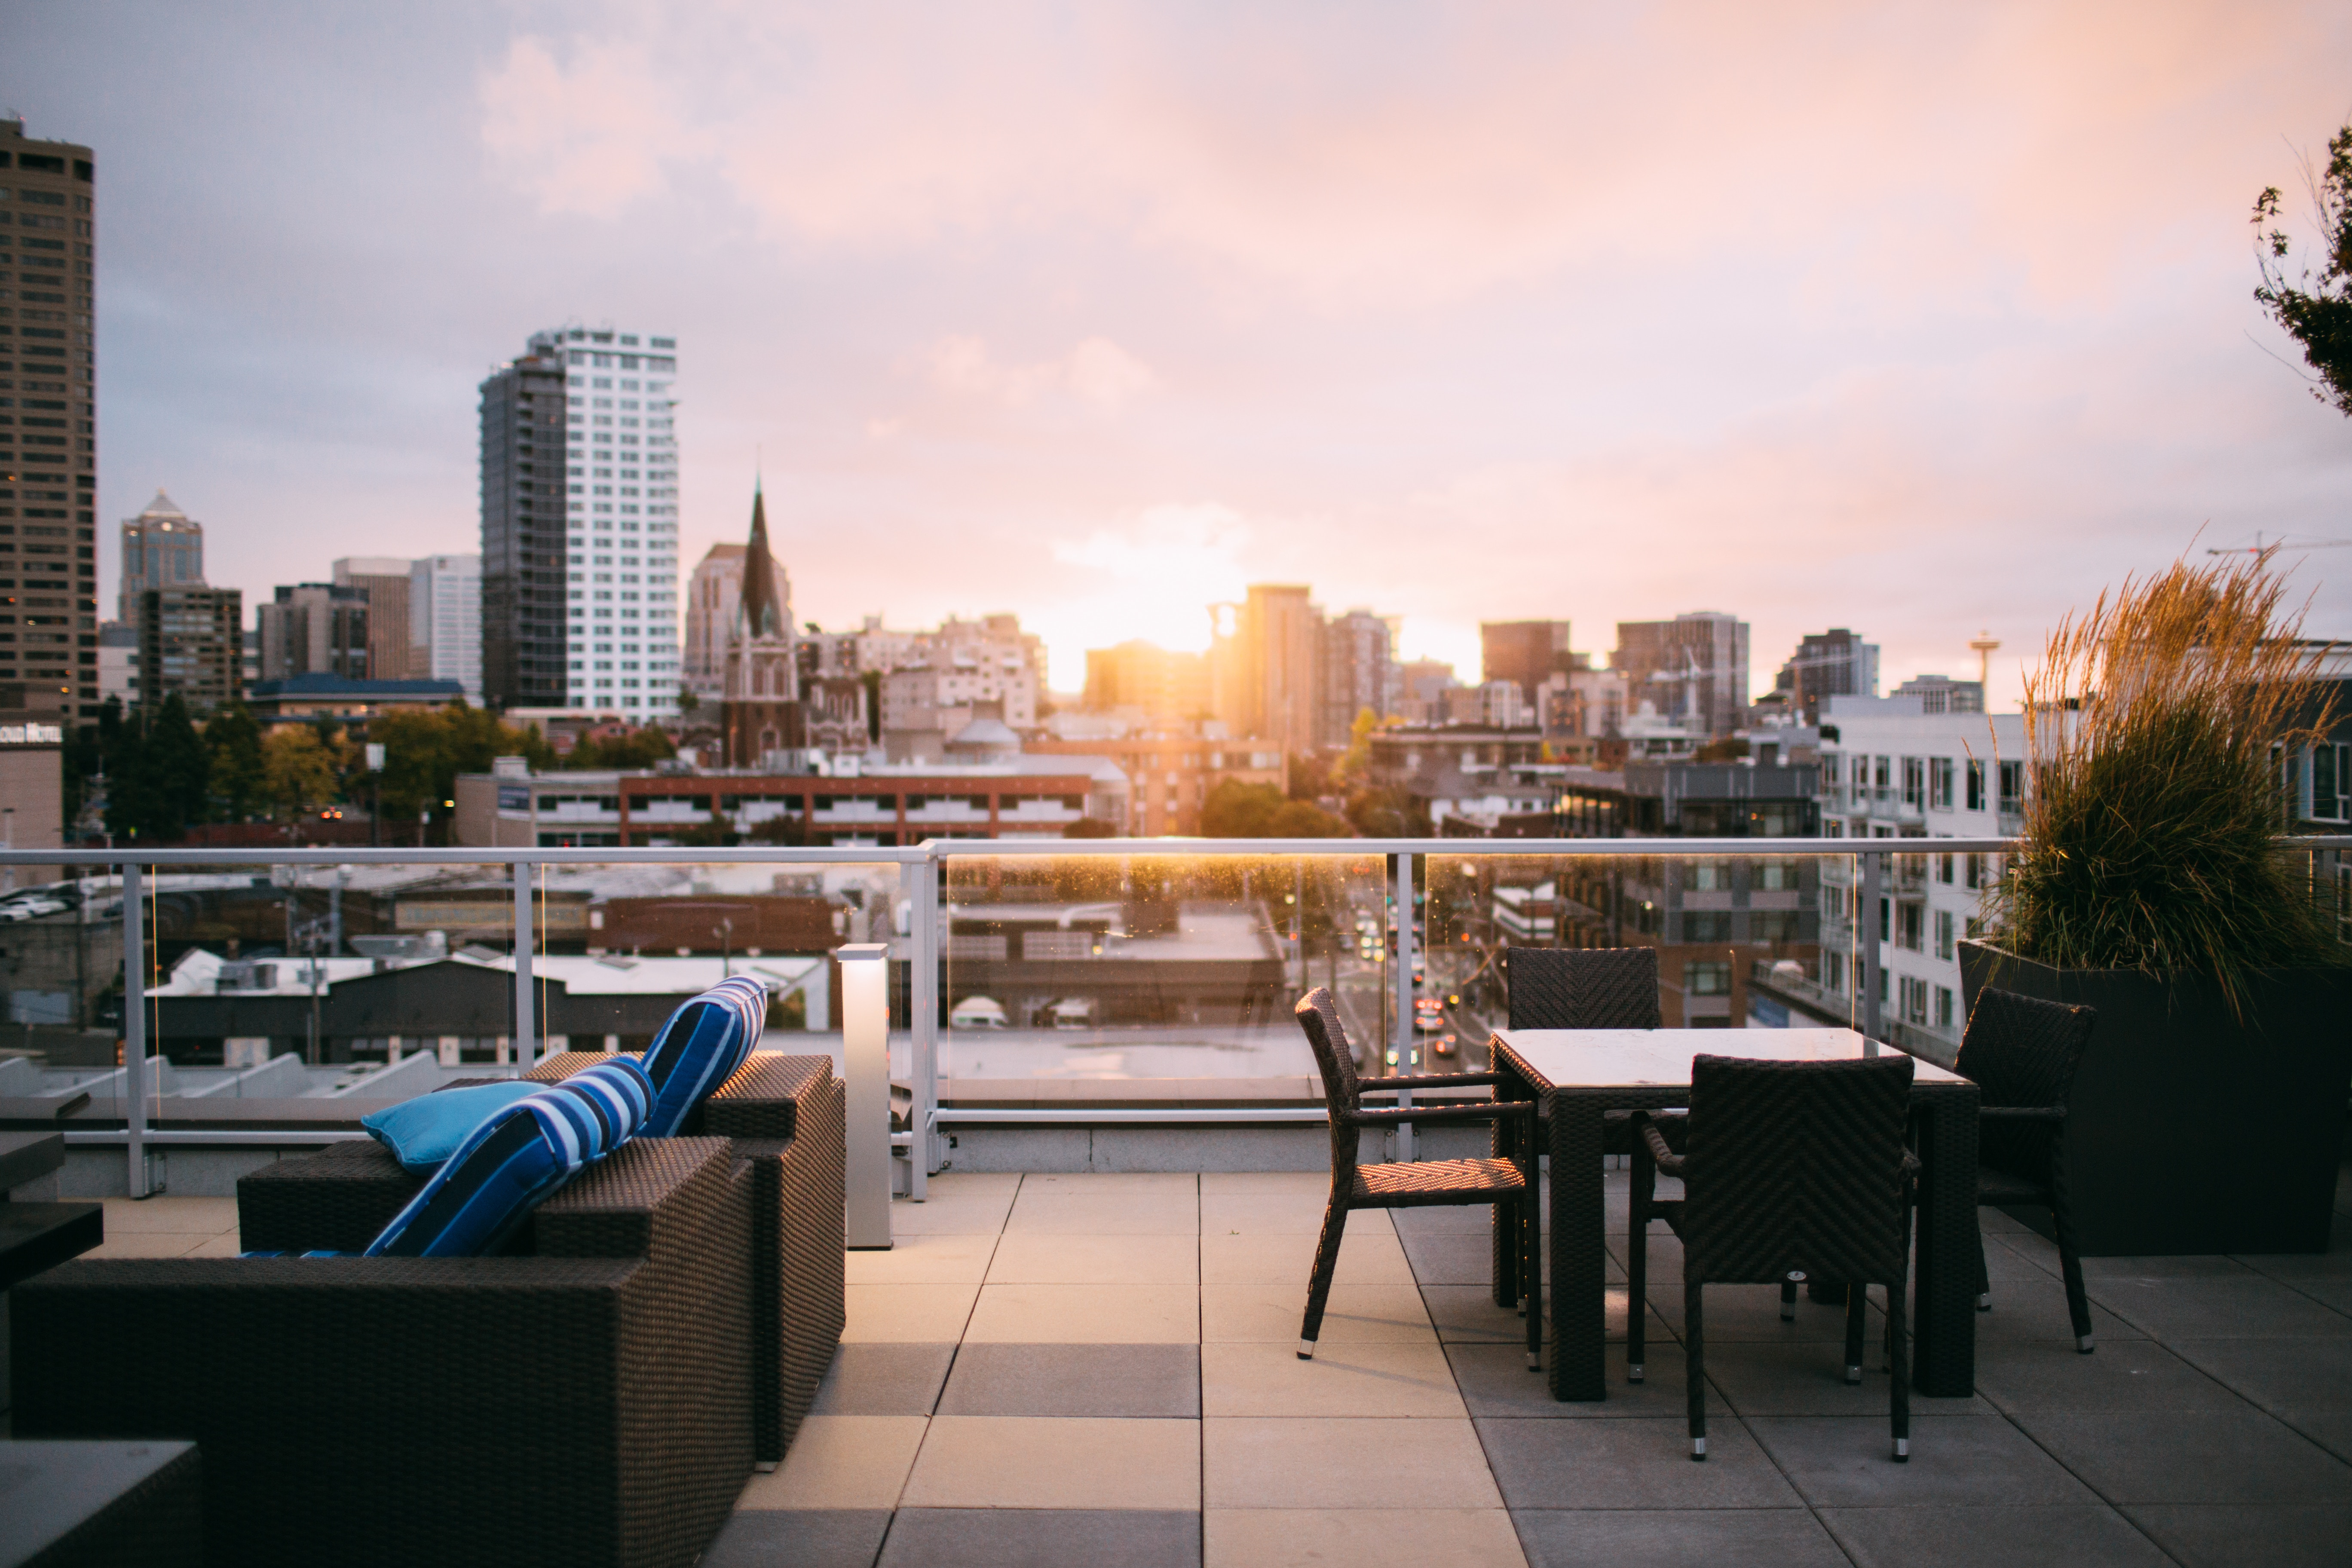 terrasse ville coucher de soleil